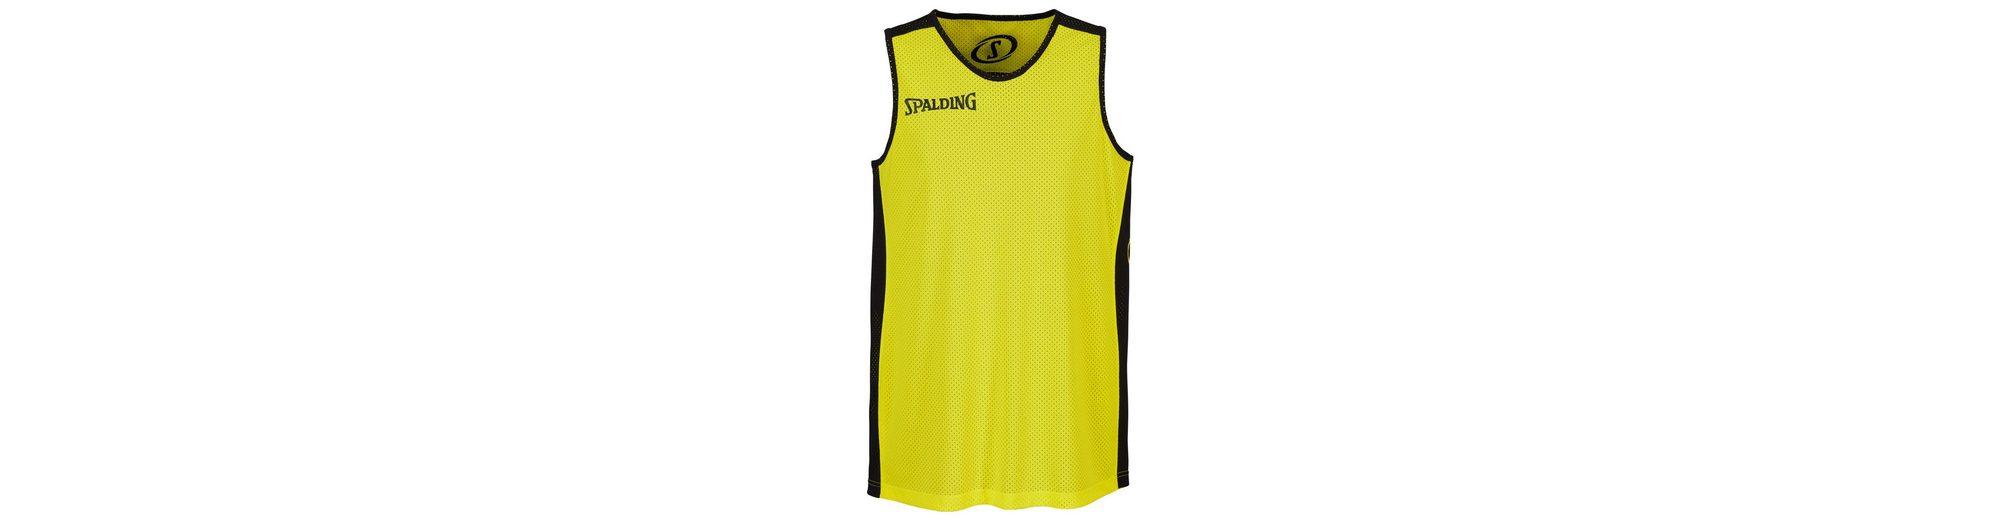 SPALDING Essential Reversible Shirt Herren Billig Viele Arten Von Preiswerte Art Und Stil Auslass Bestseller Verkauf Erstaunlicher Preis 39MXoeOn